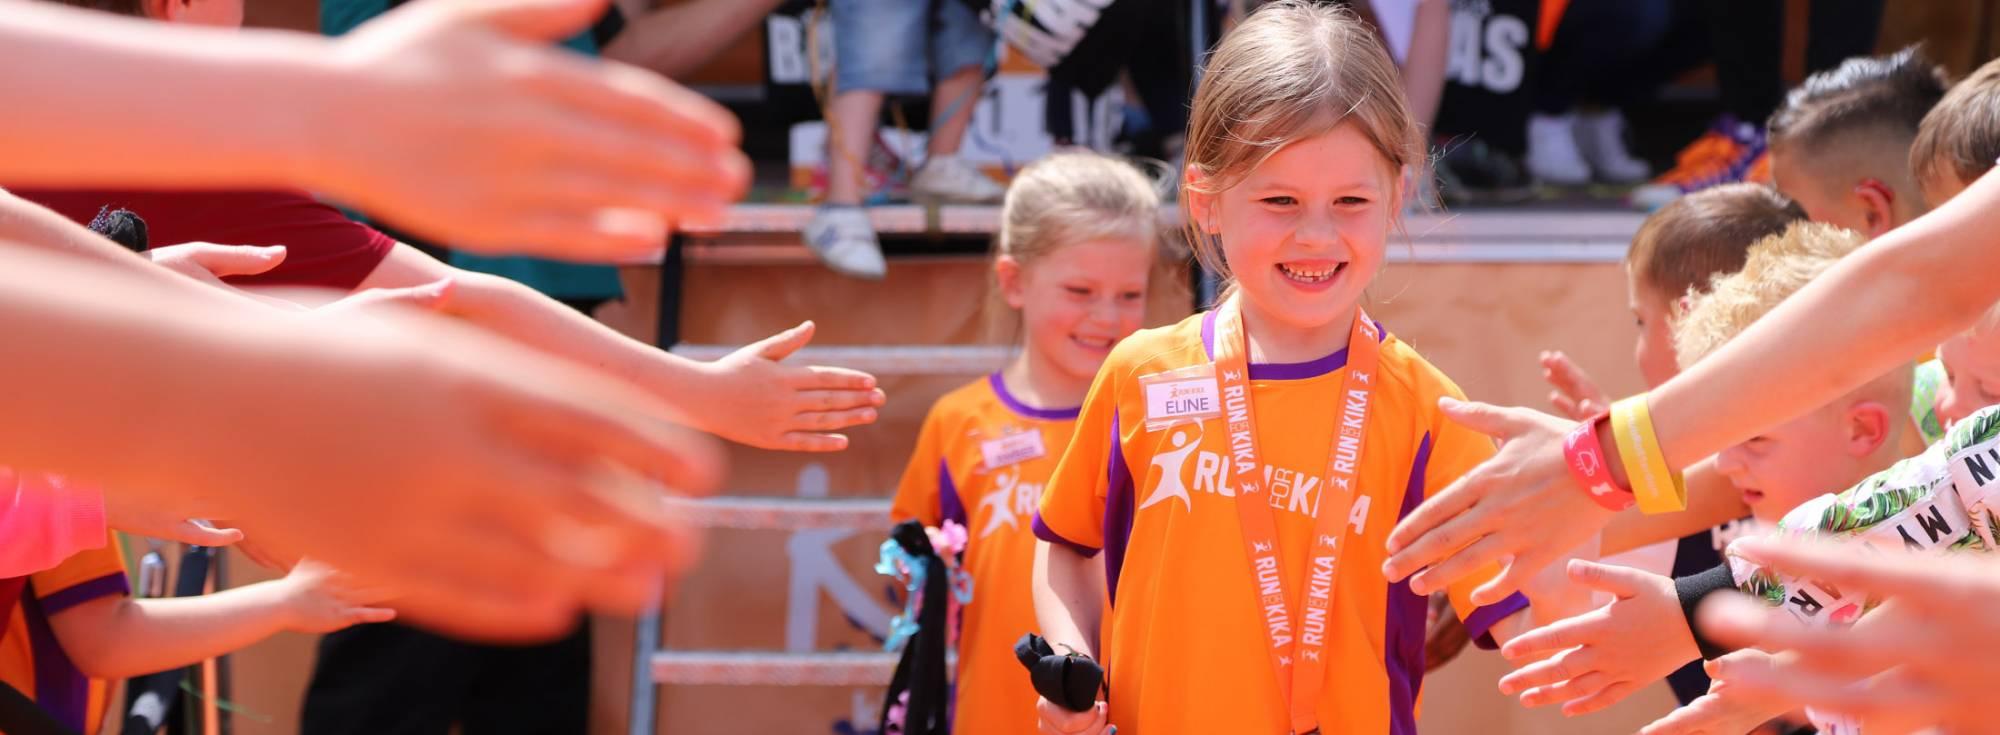 Kinderen geven high fives aan de kanjers van de kanjerkroning